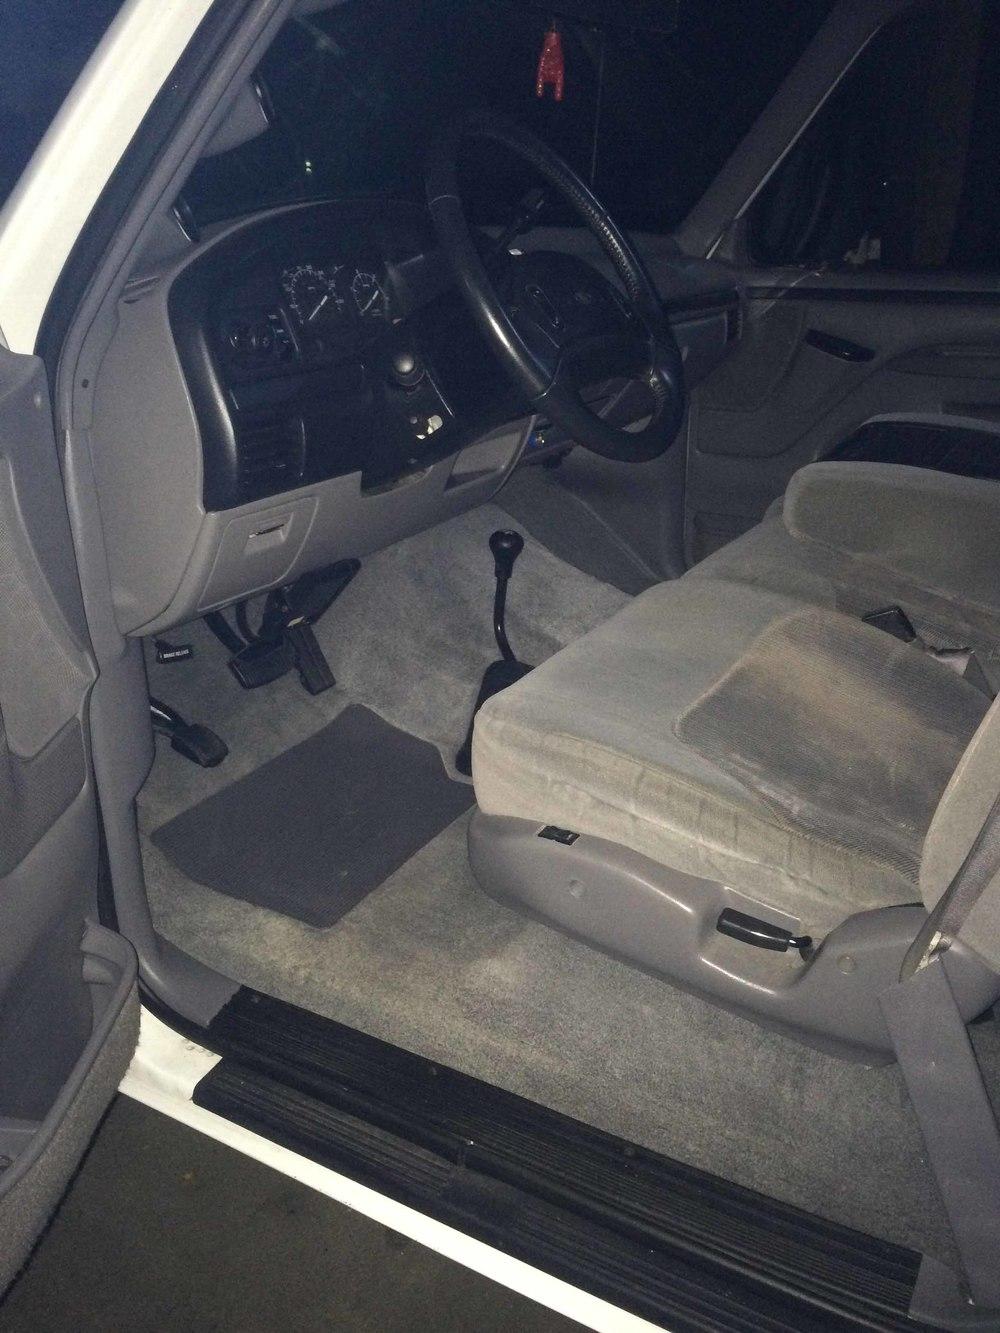 1996 Ford F250 interior 1.jpg